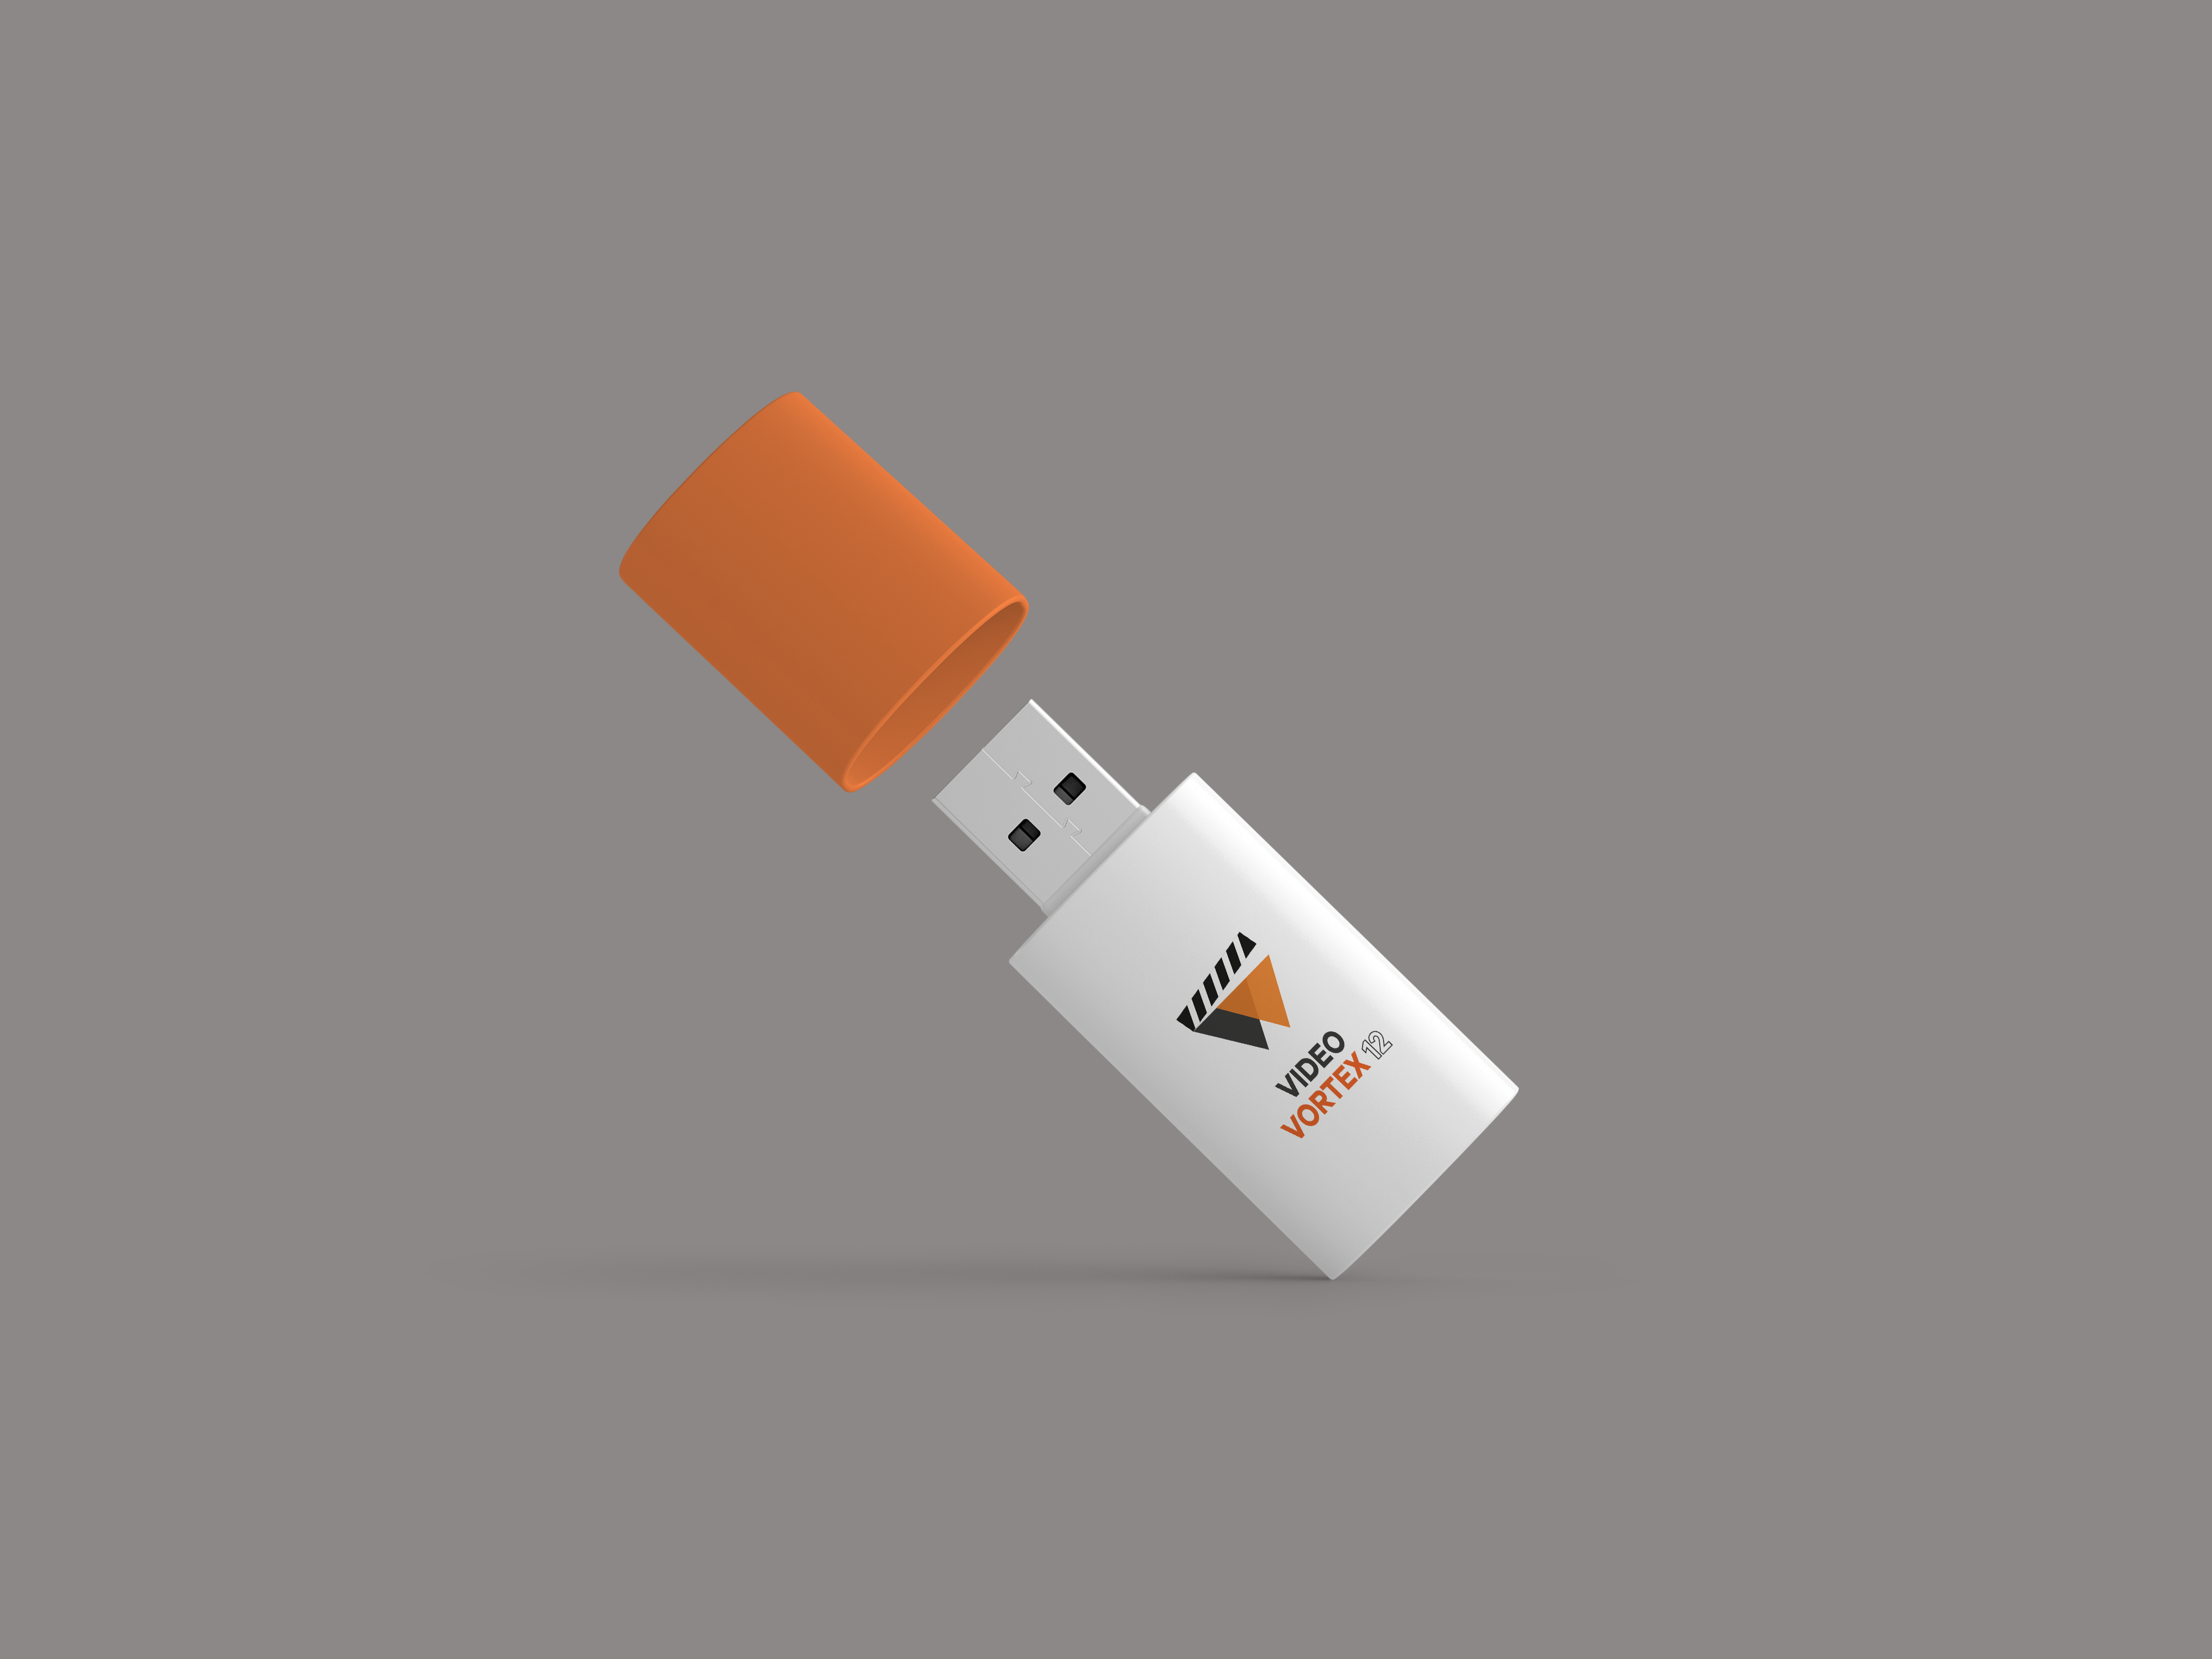 Pendrive Design